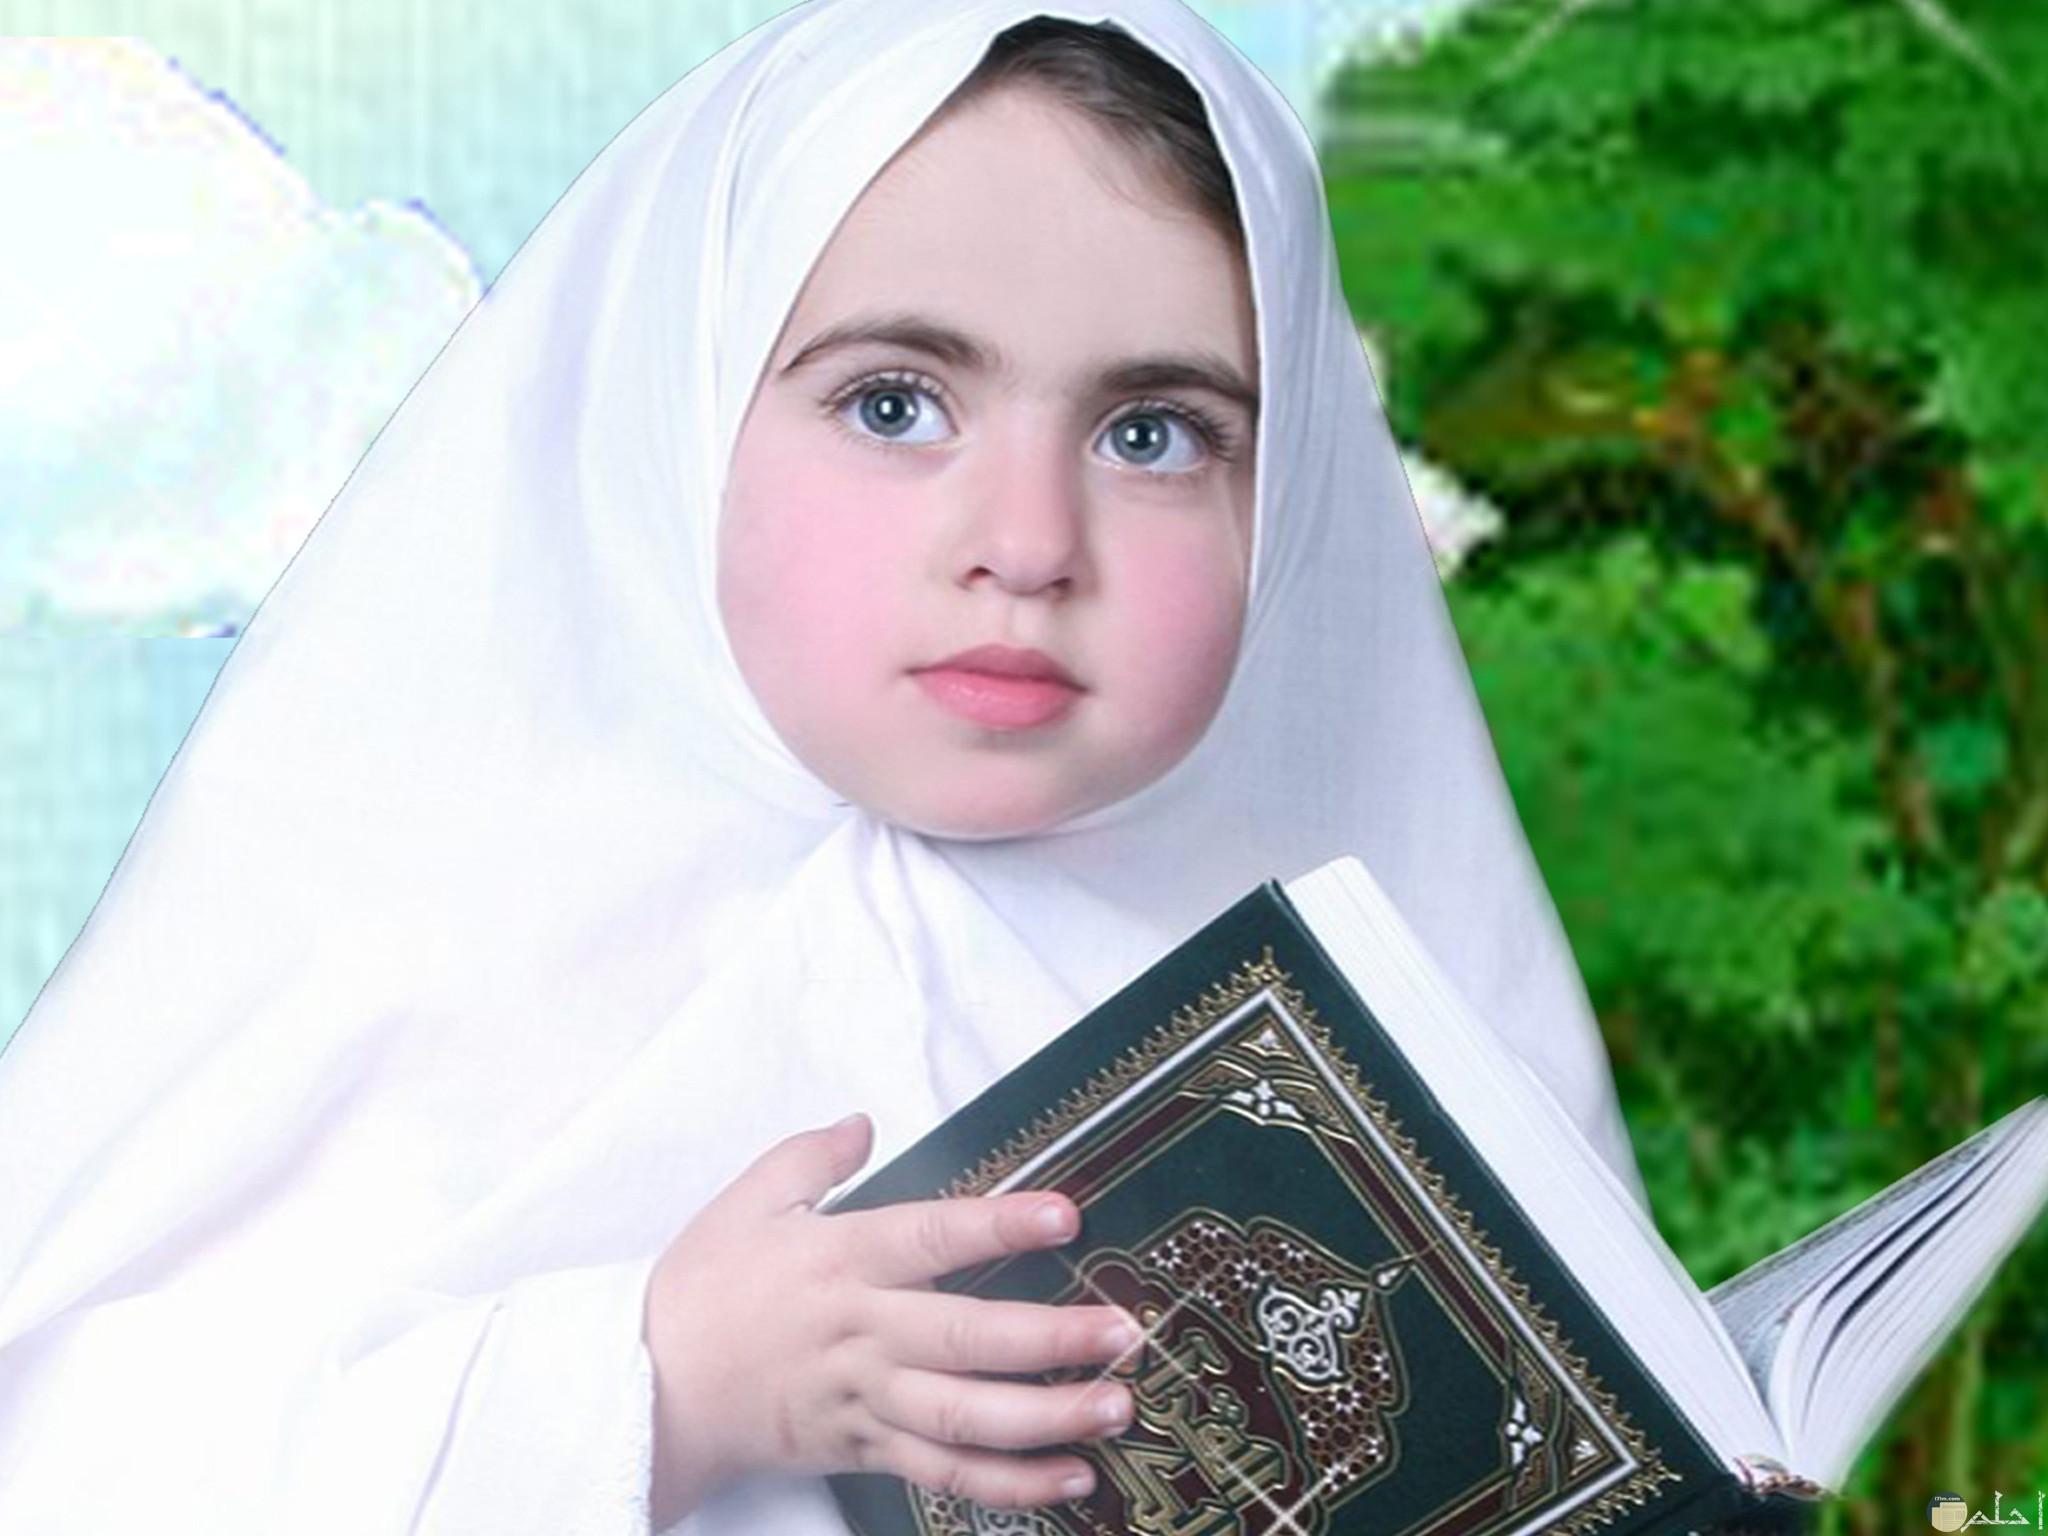 صورة لبنت صغيرة محجبة تمسك المصحف.